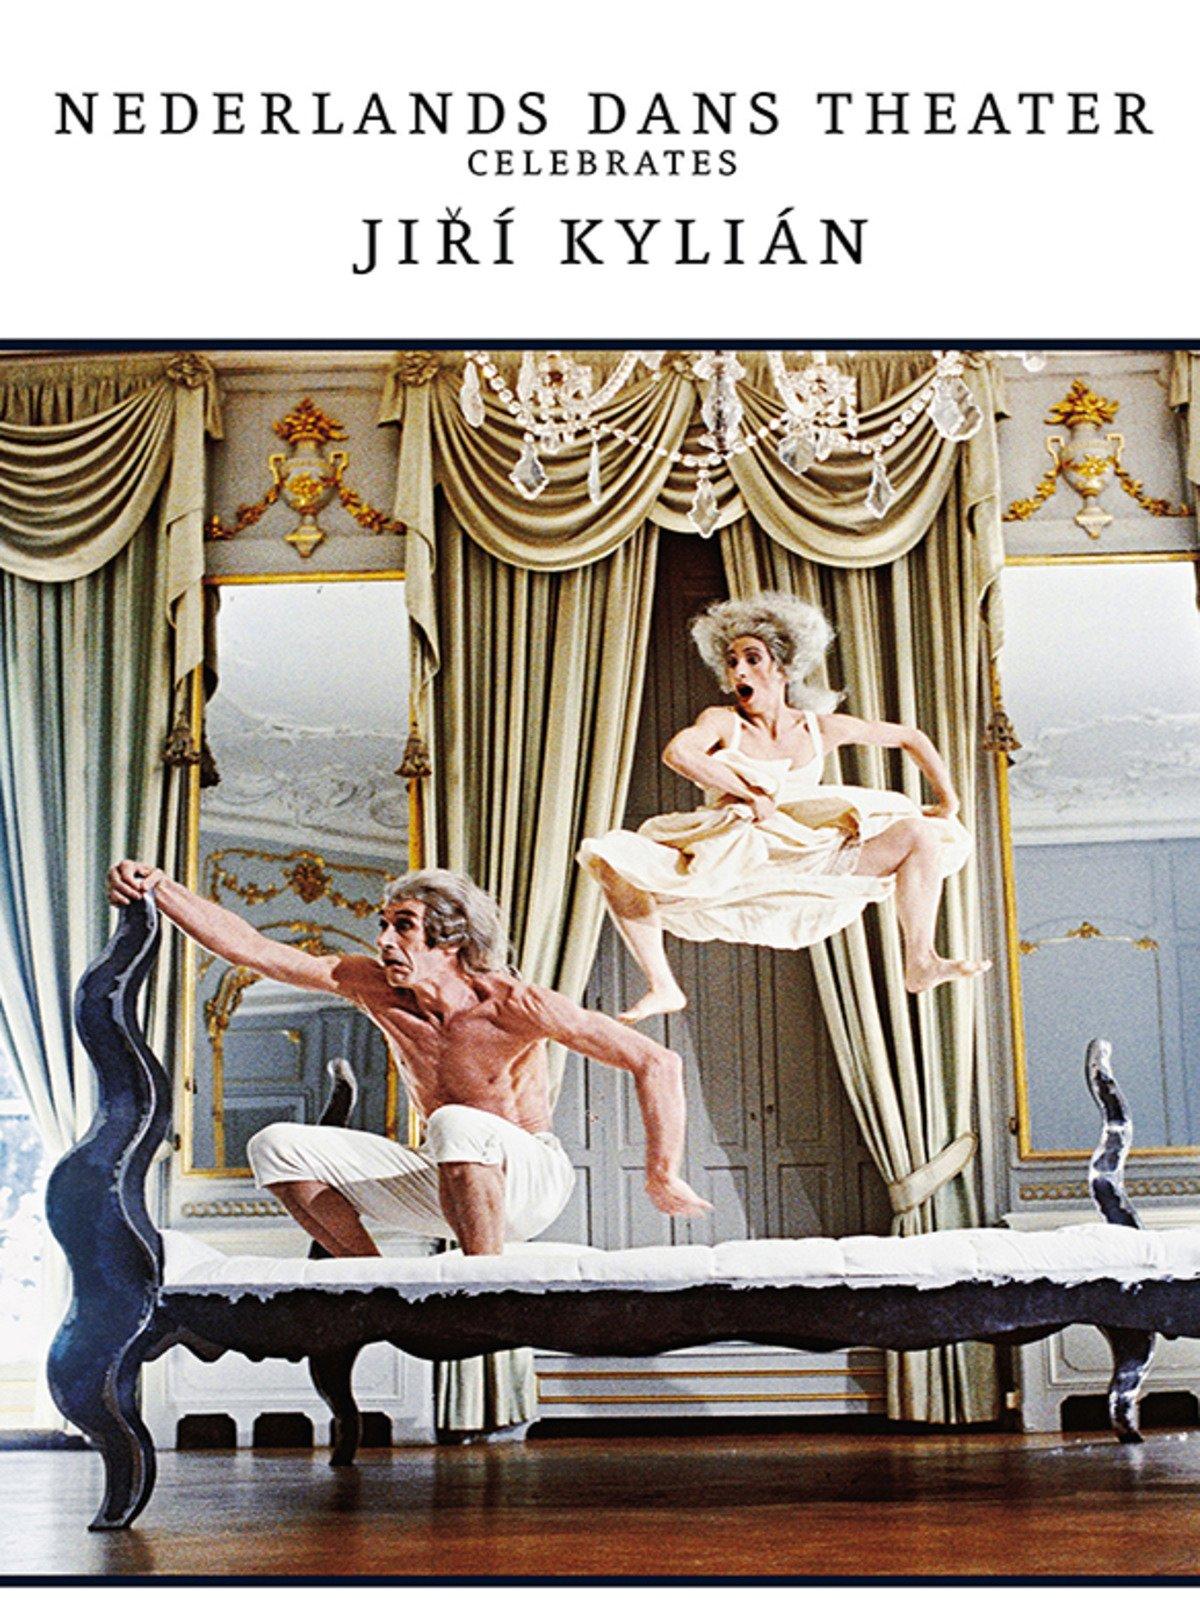 Nederlands Dans Theater Celebrates Jiří Kylián